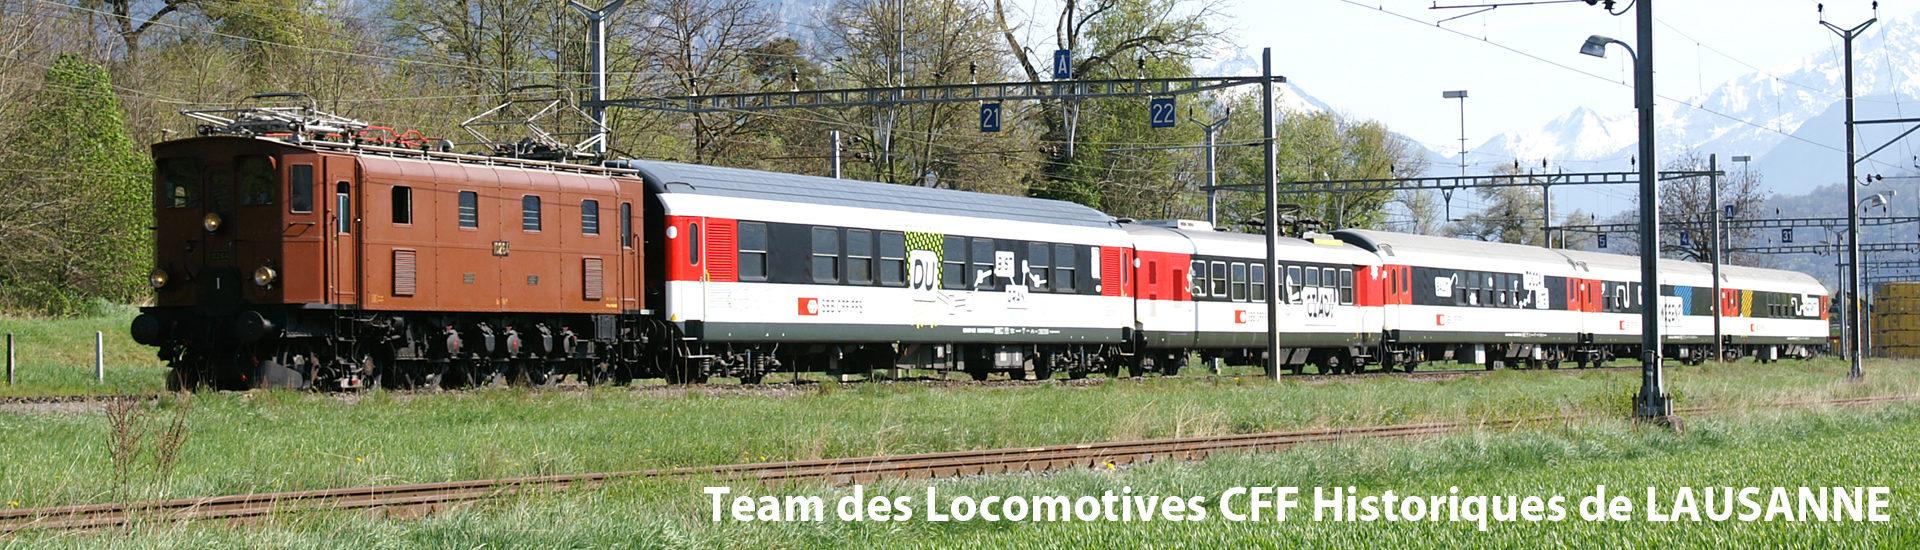 Team des Locomotives CFF Historiques de LAUSANNE